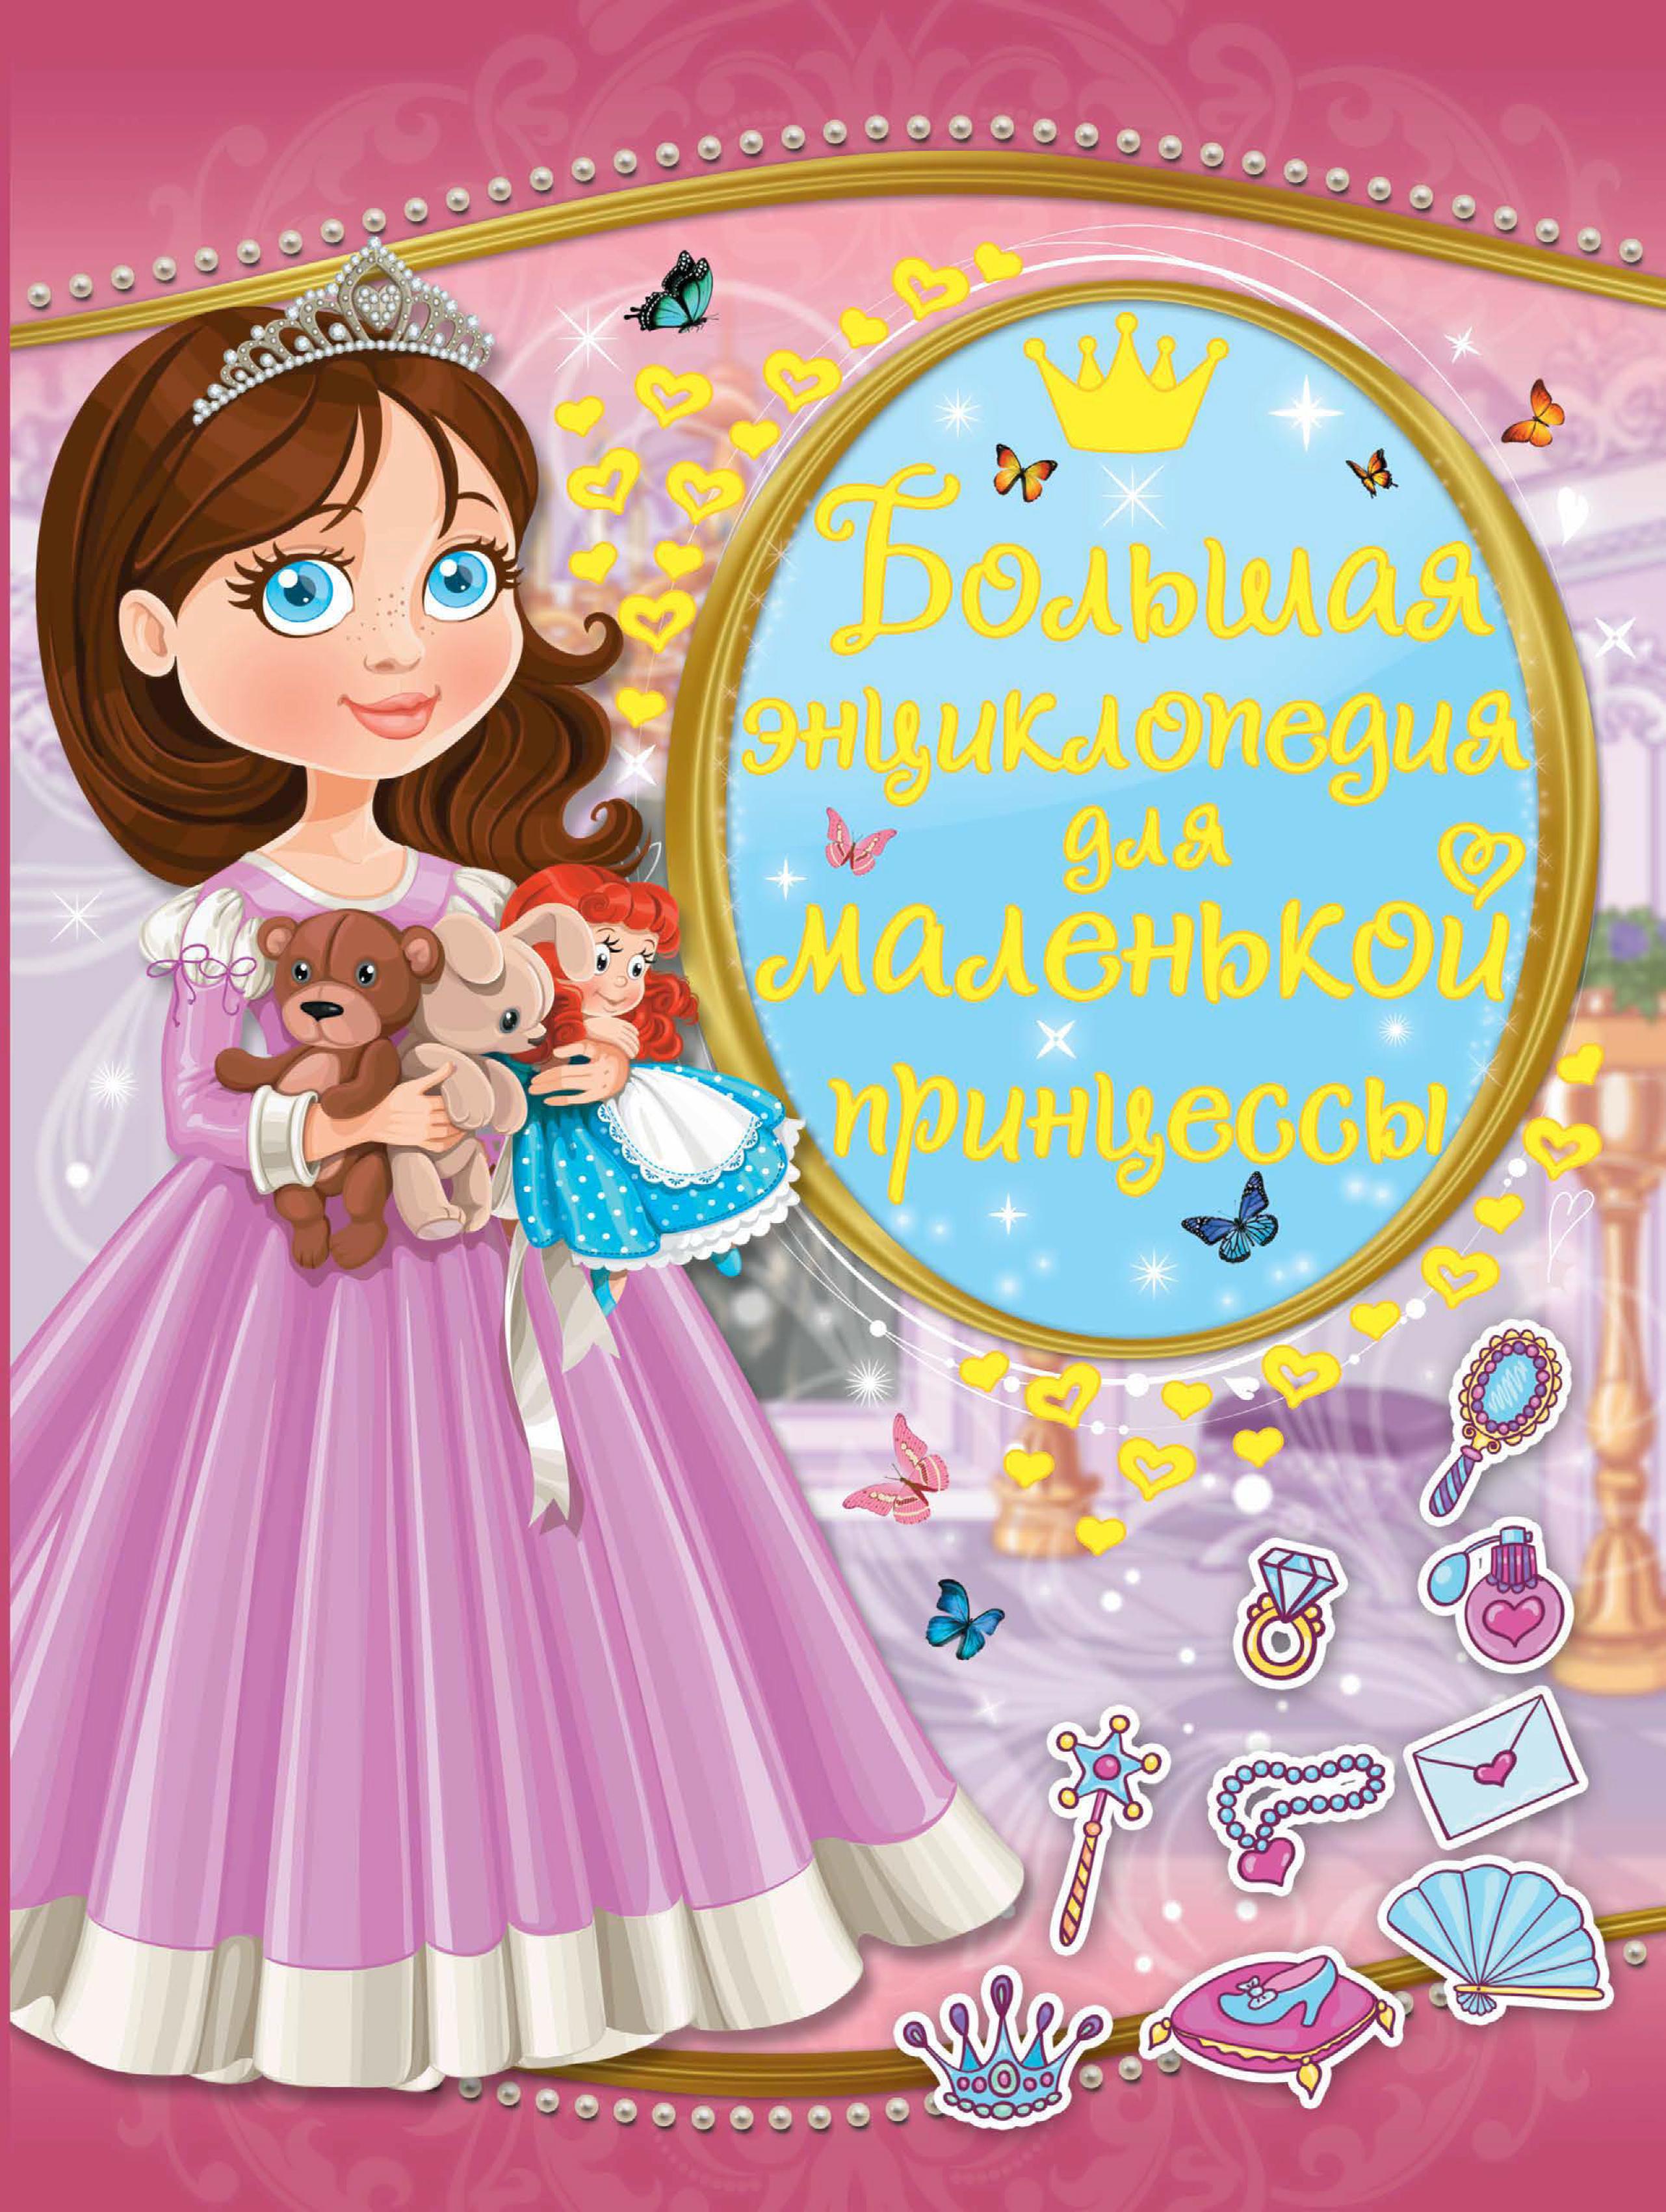 Л. В. Доманская Большая энциклопедия для маленькой принцессы доманская людмила васильевна большая энциклопедия для маленькой принцессы